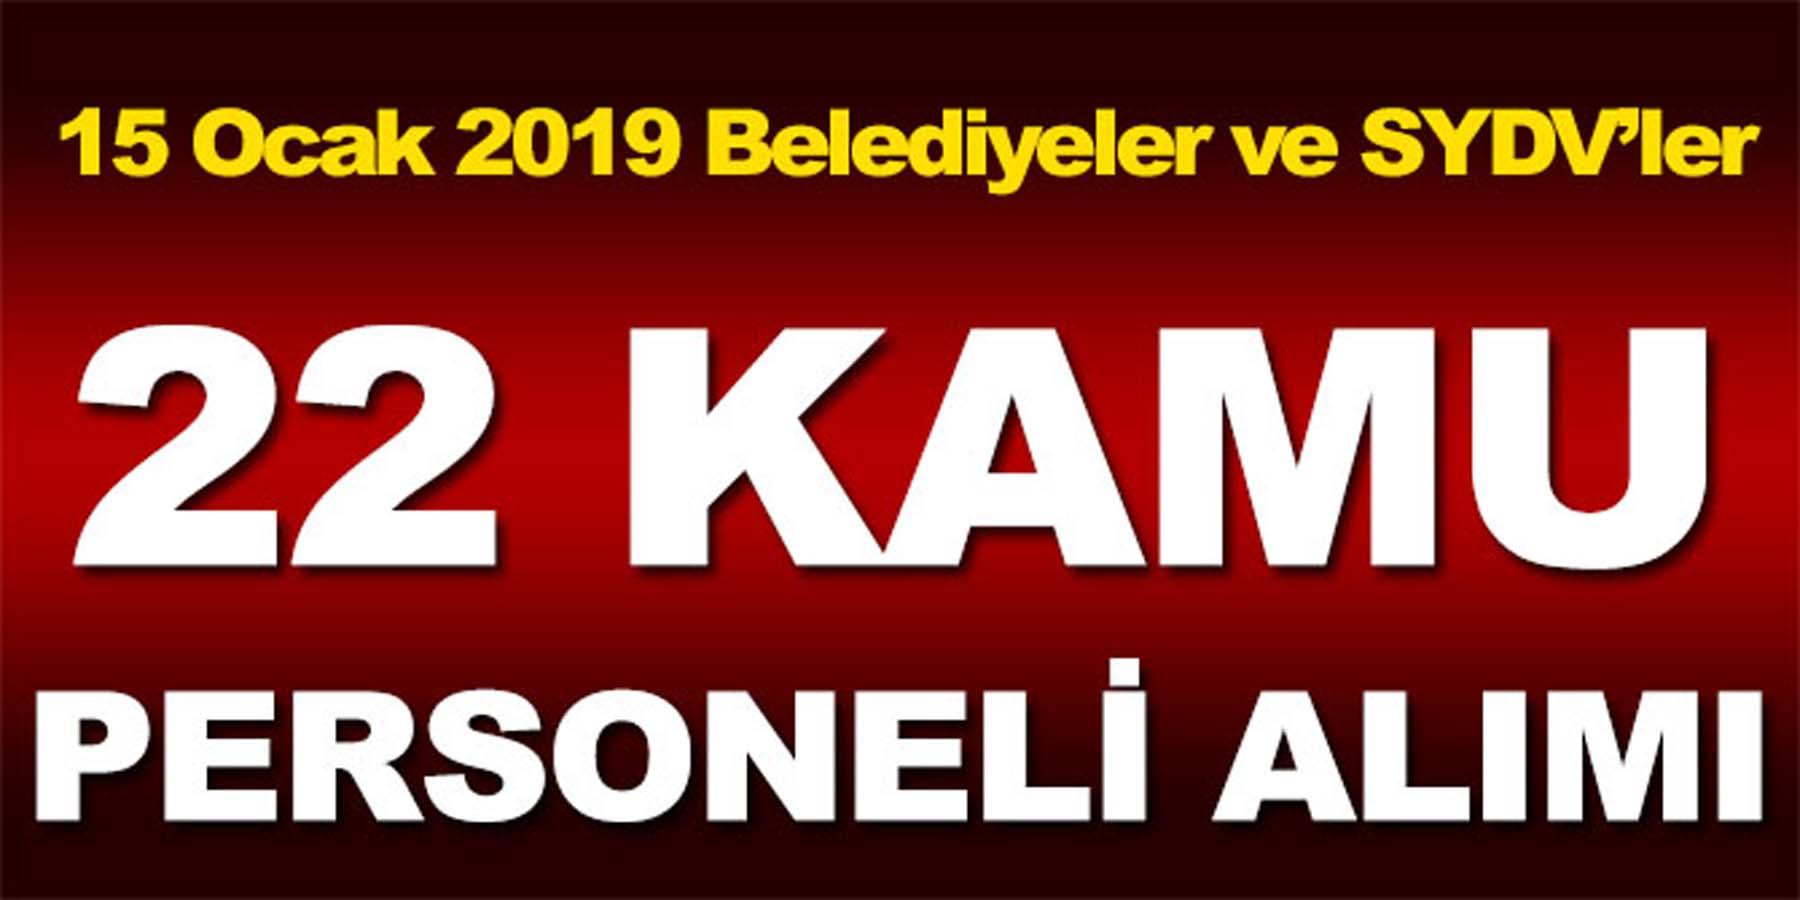 Belediyeler ve SYDV'ler 15 Ocak 22 Kamu Personeli Alımı